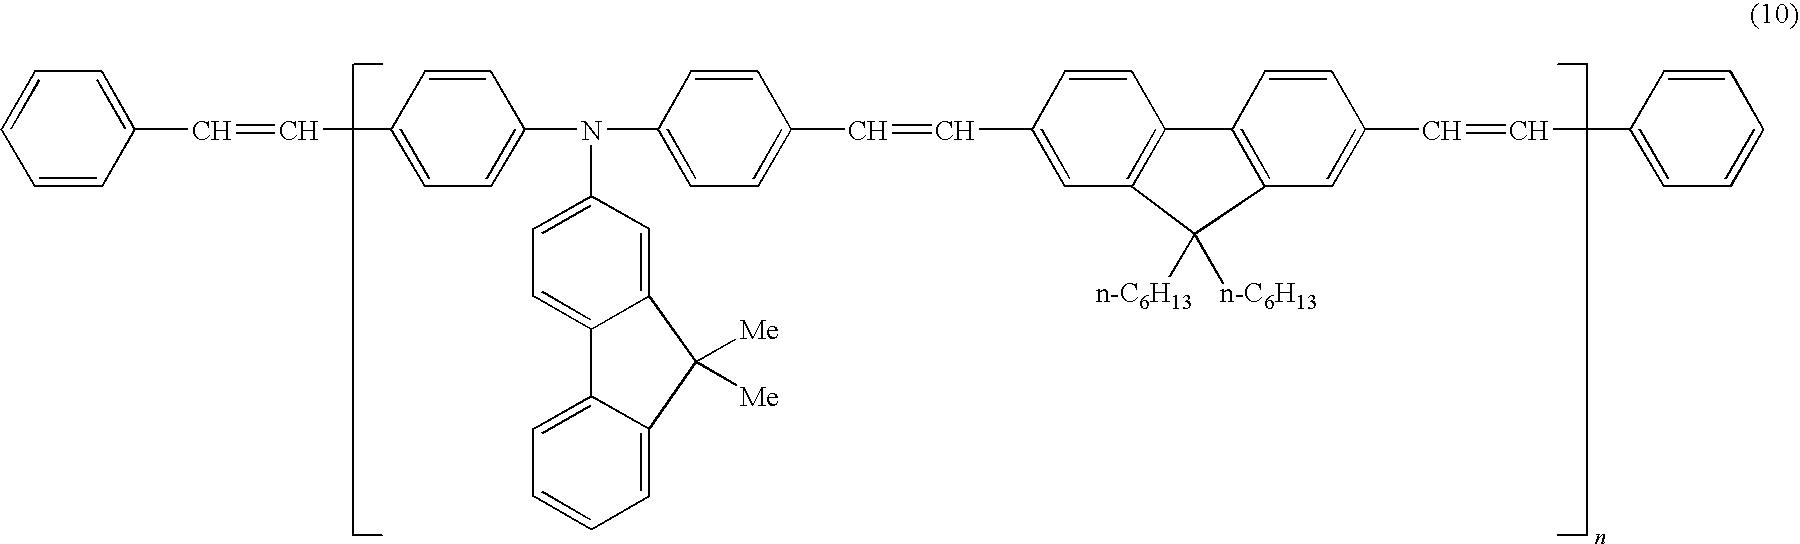 Figure US08129494-20120306-C00019